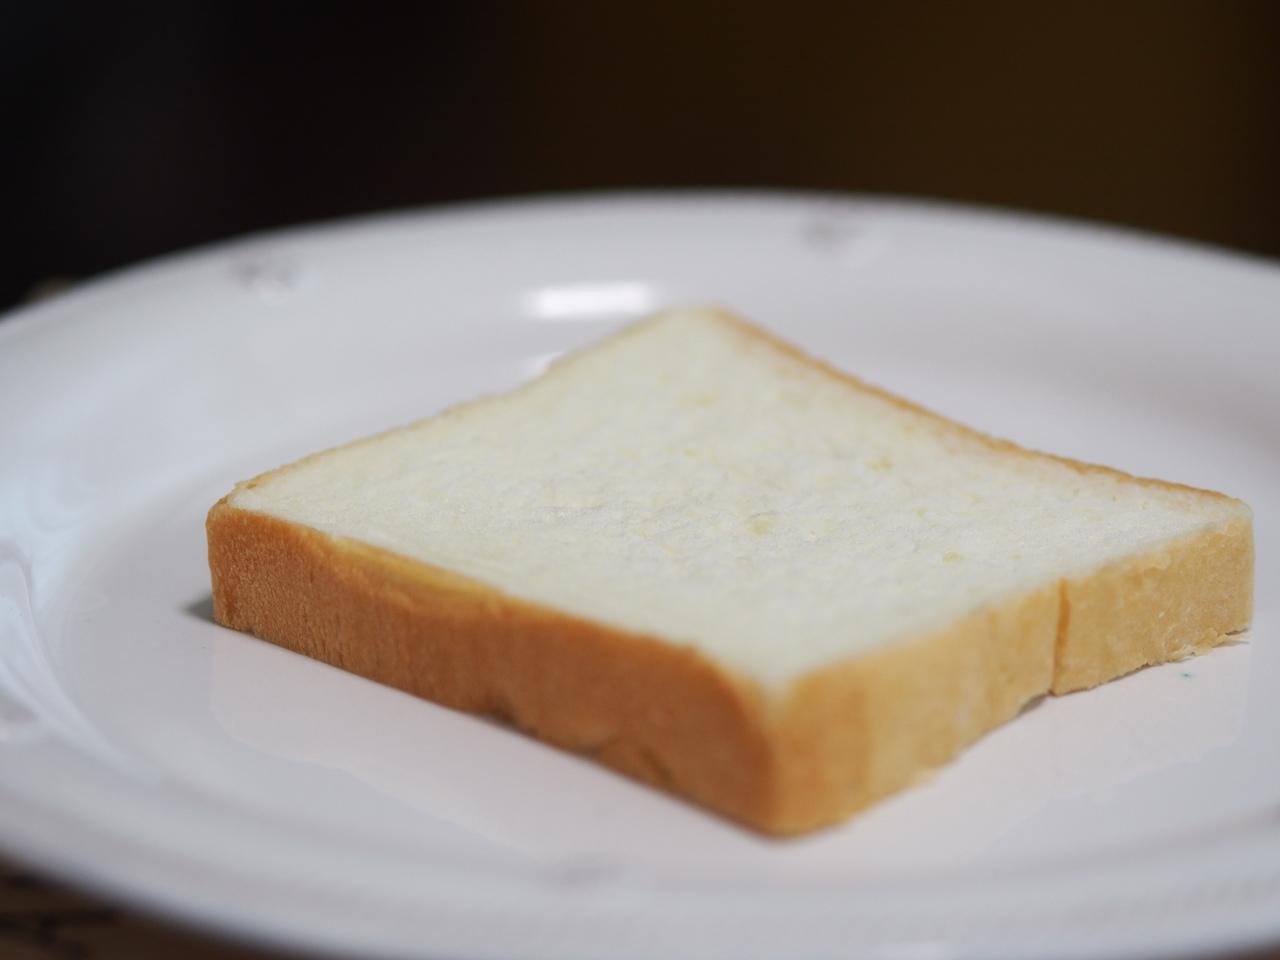 生食でいただく銀座に志かわの食パン